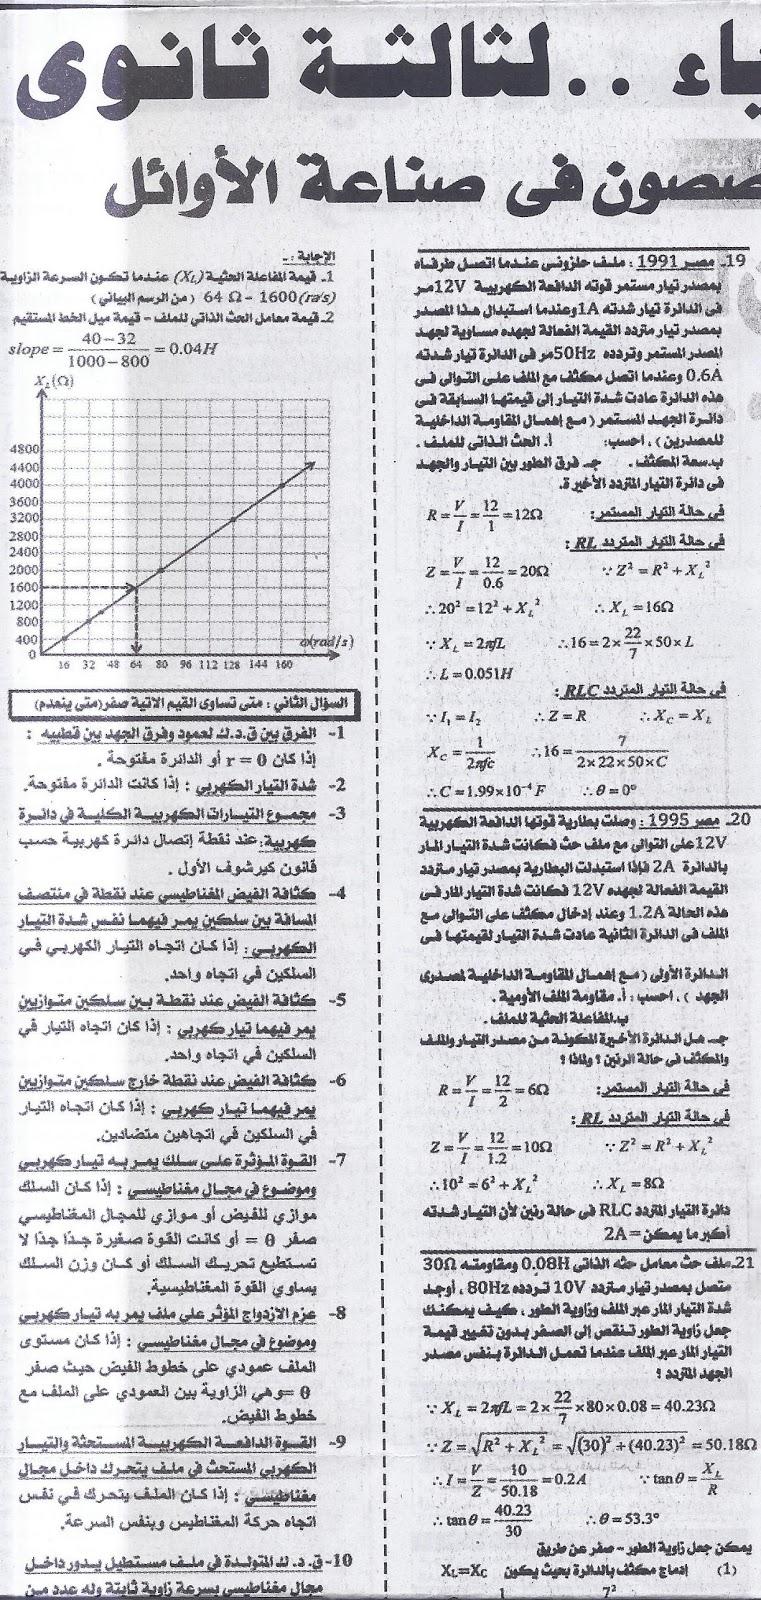 ننشر .. اخر مراجعة لامتحان الفيزياء (عربى ولغات) للثانوية العامة 2016  7